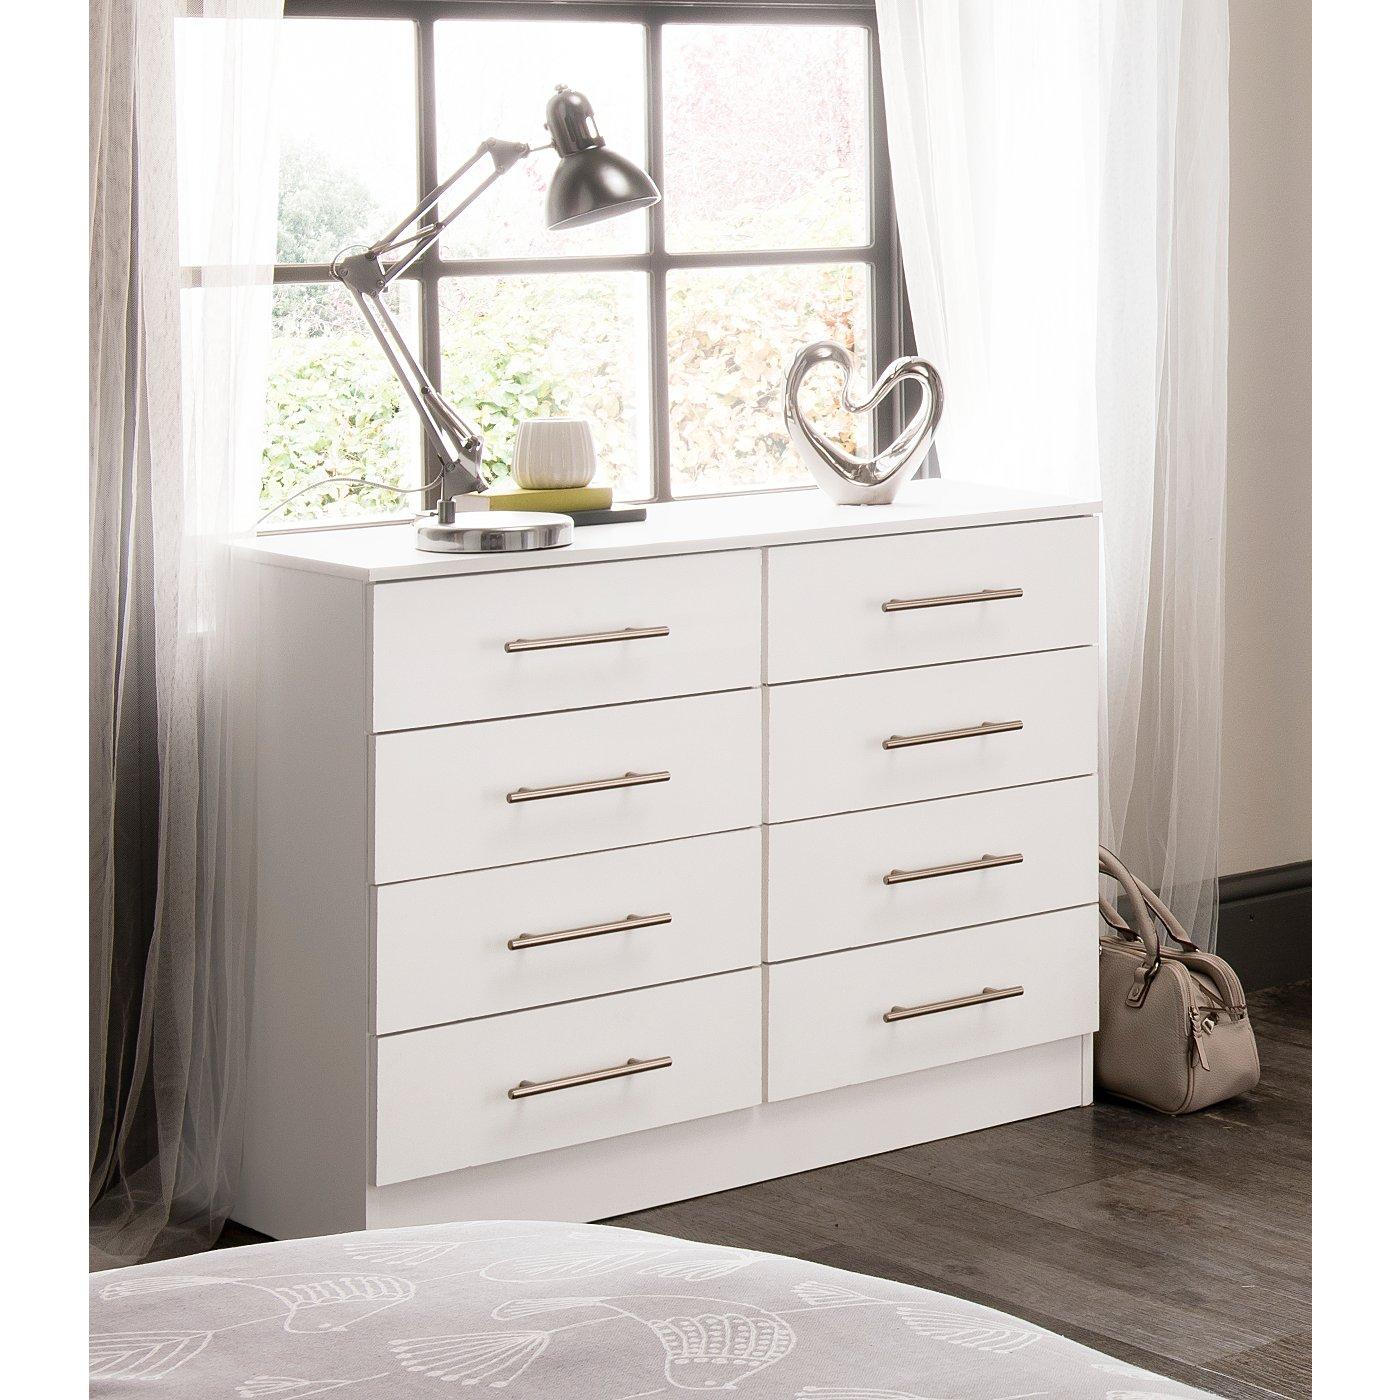 Oak Effect Bedroom Furniture Sets White Bedroom Furniture Sets Asda Best Bedroom Ideas 2017